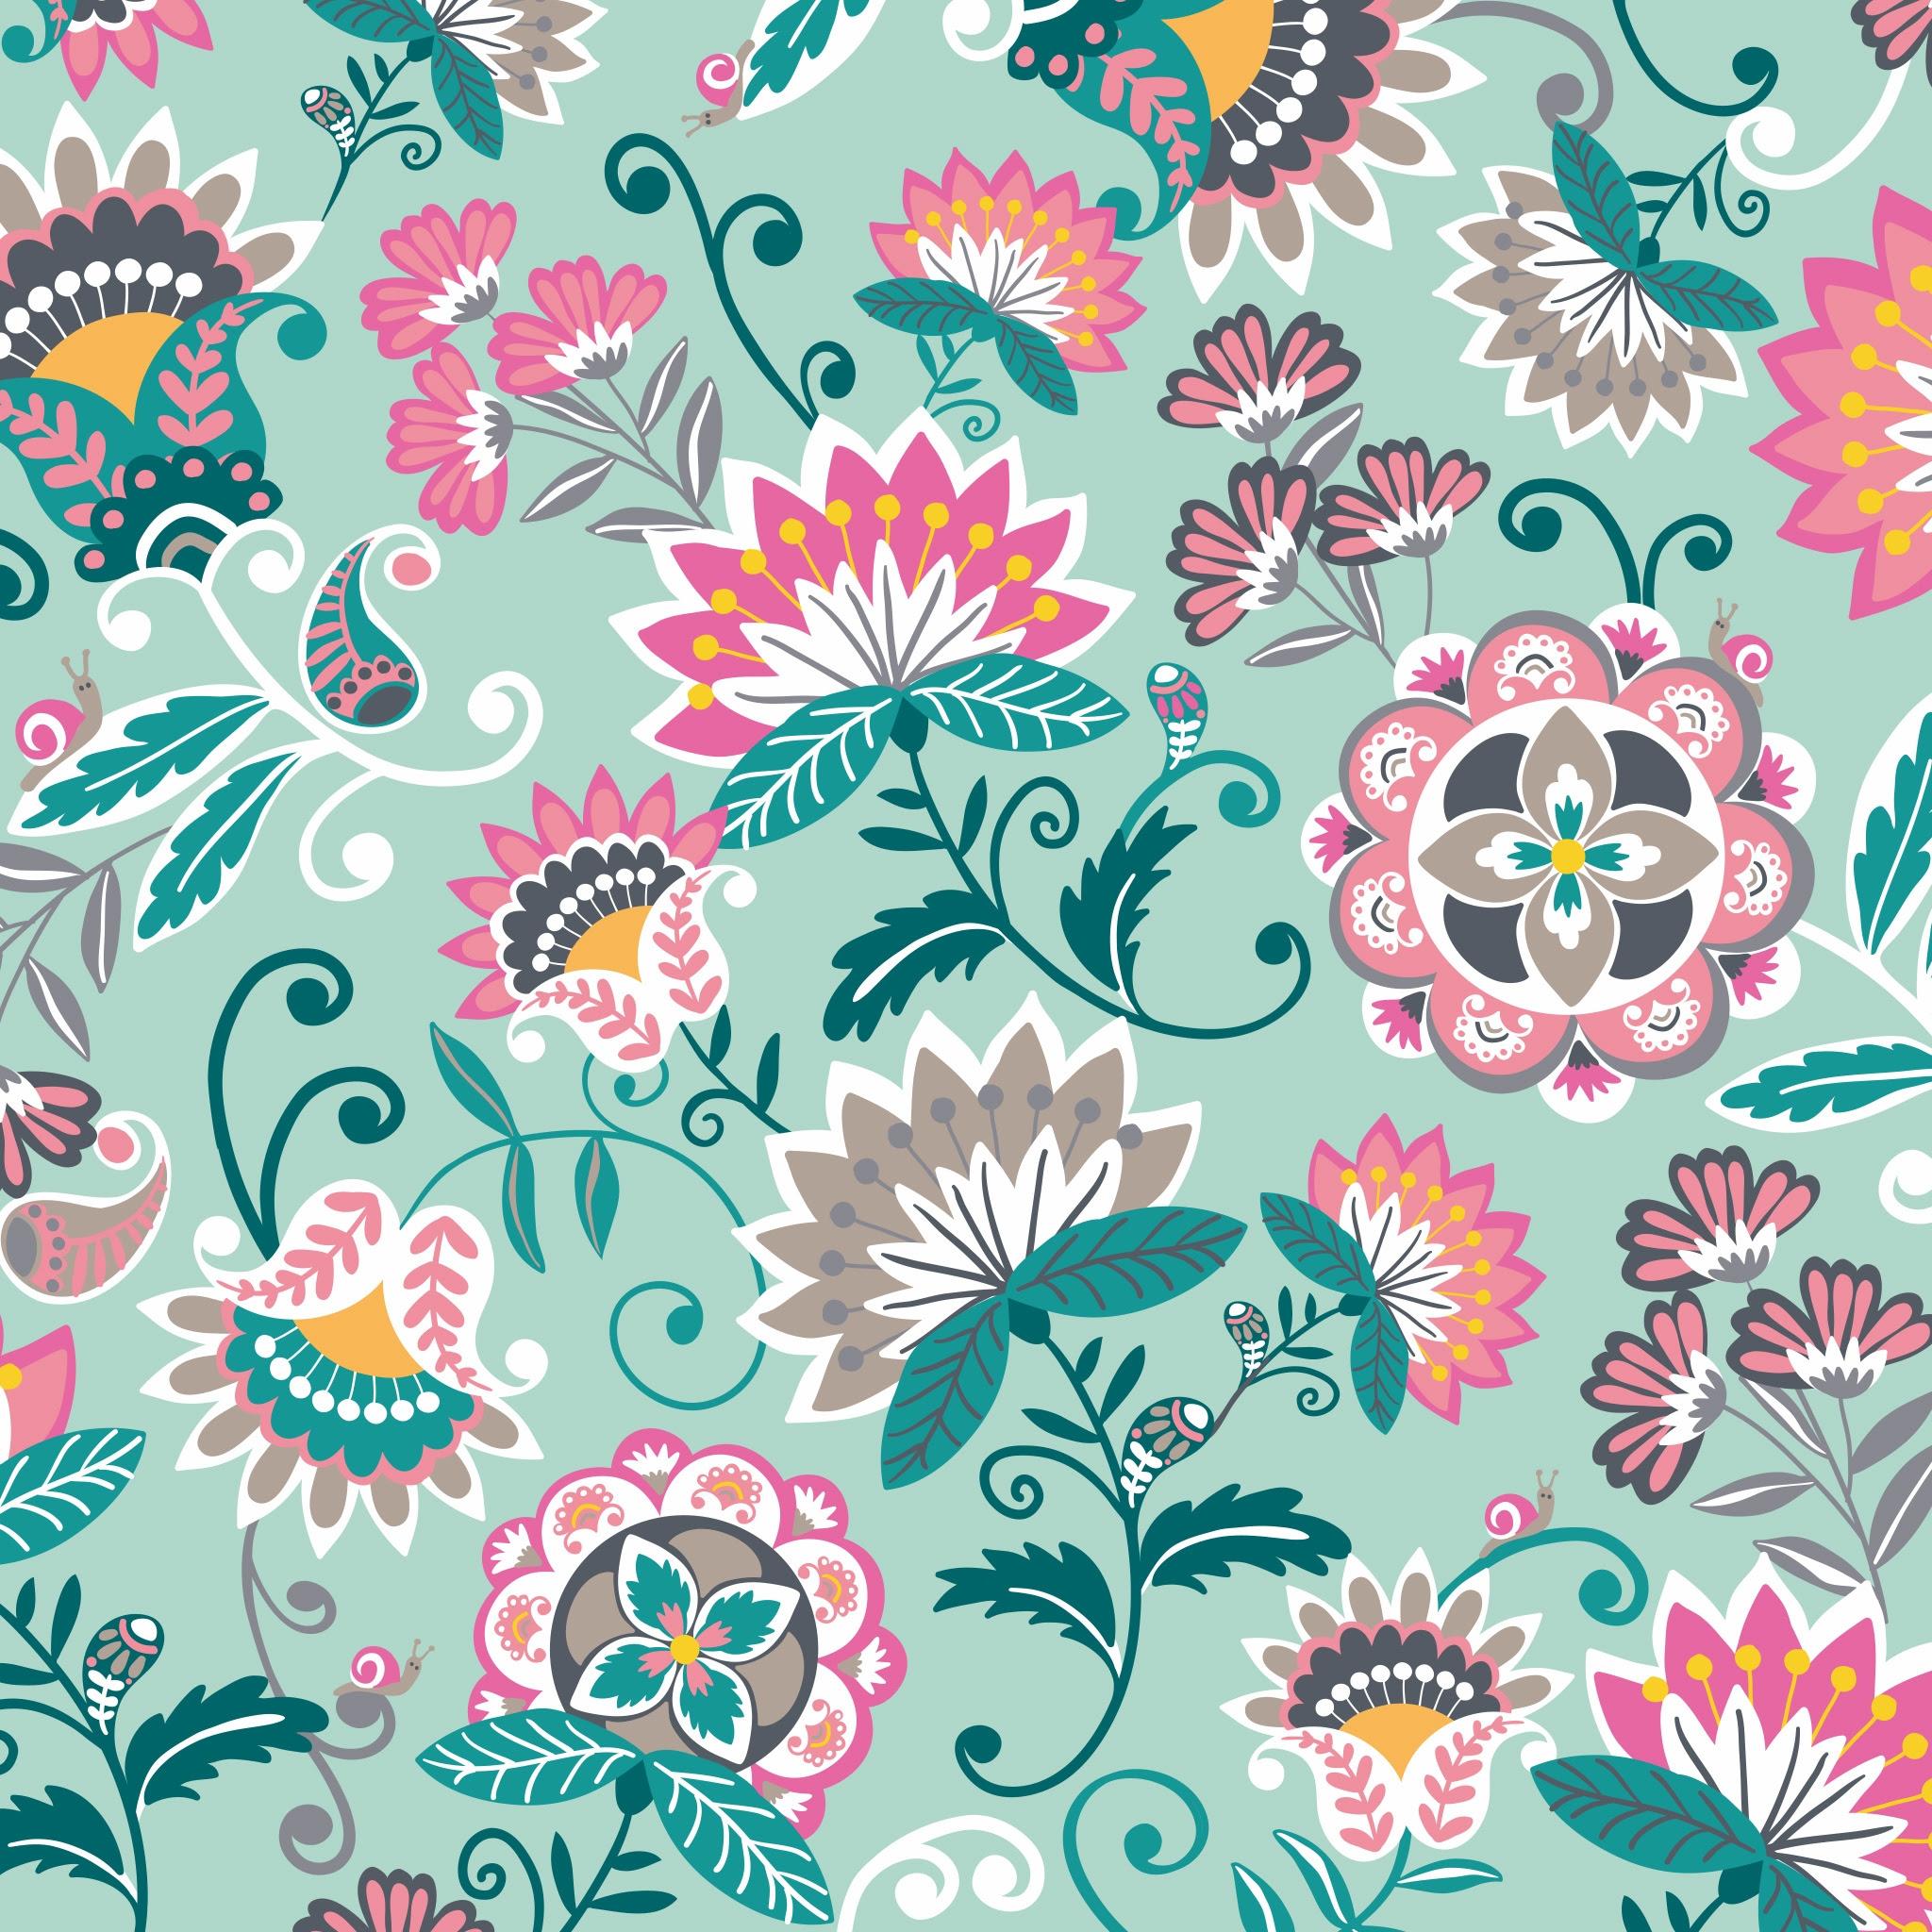 New Pattern Sneak Peek Mint Flowers Summer 2019 Vera Bradley Blog